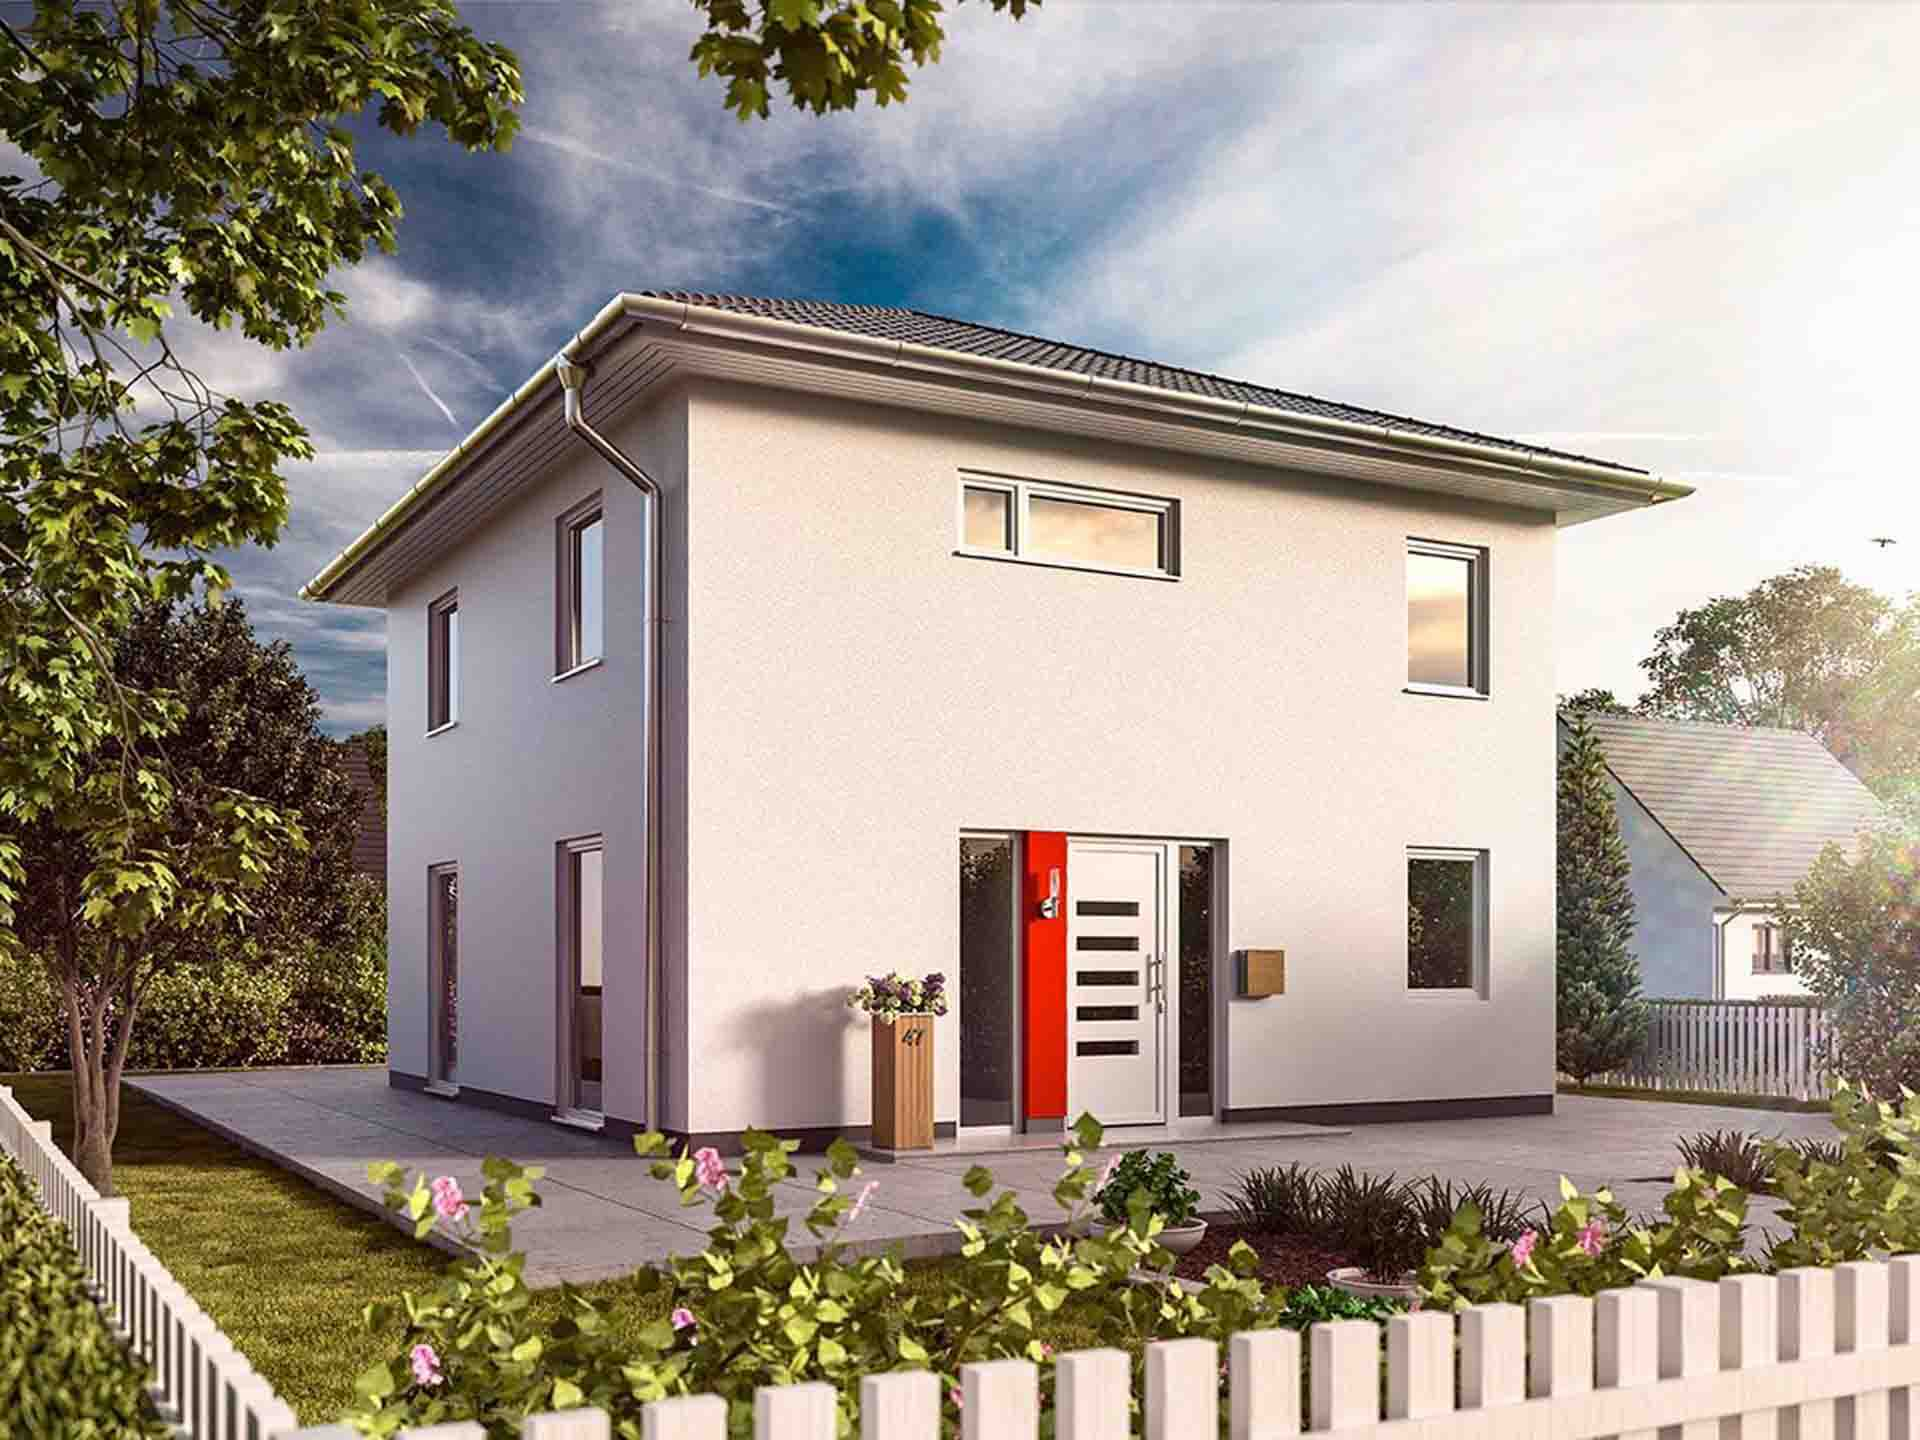 KUBE Massivhaus - Town & Country Stadthaus 124